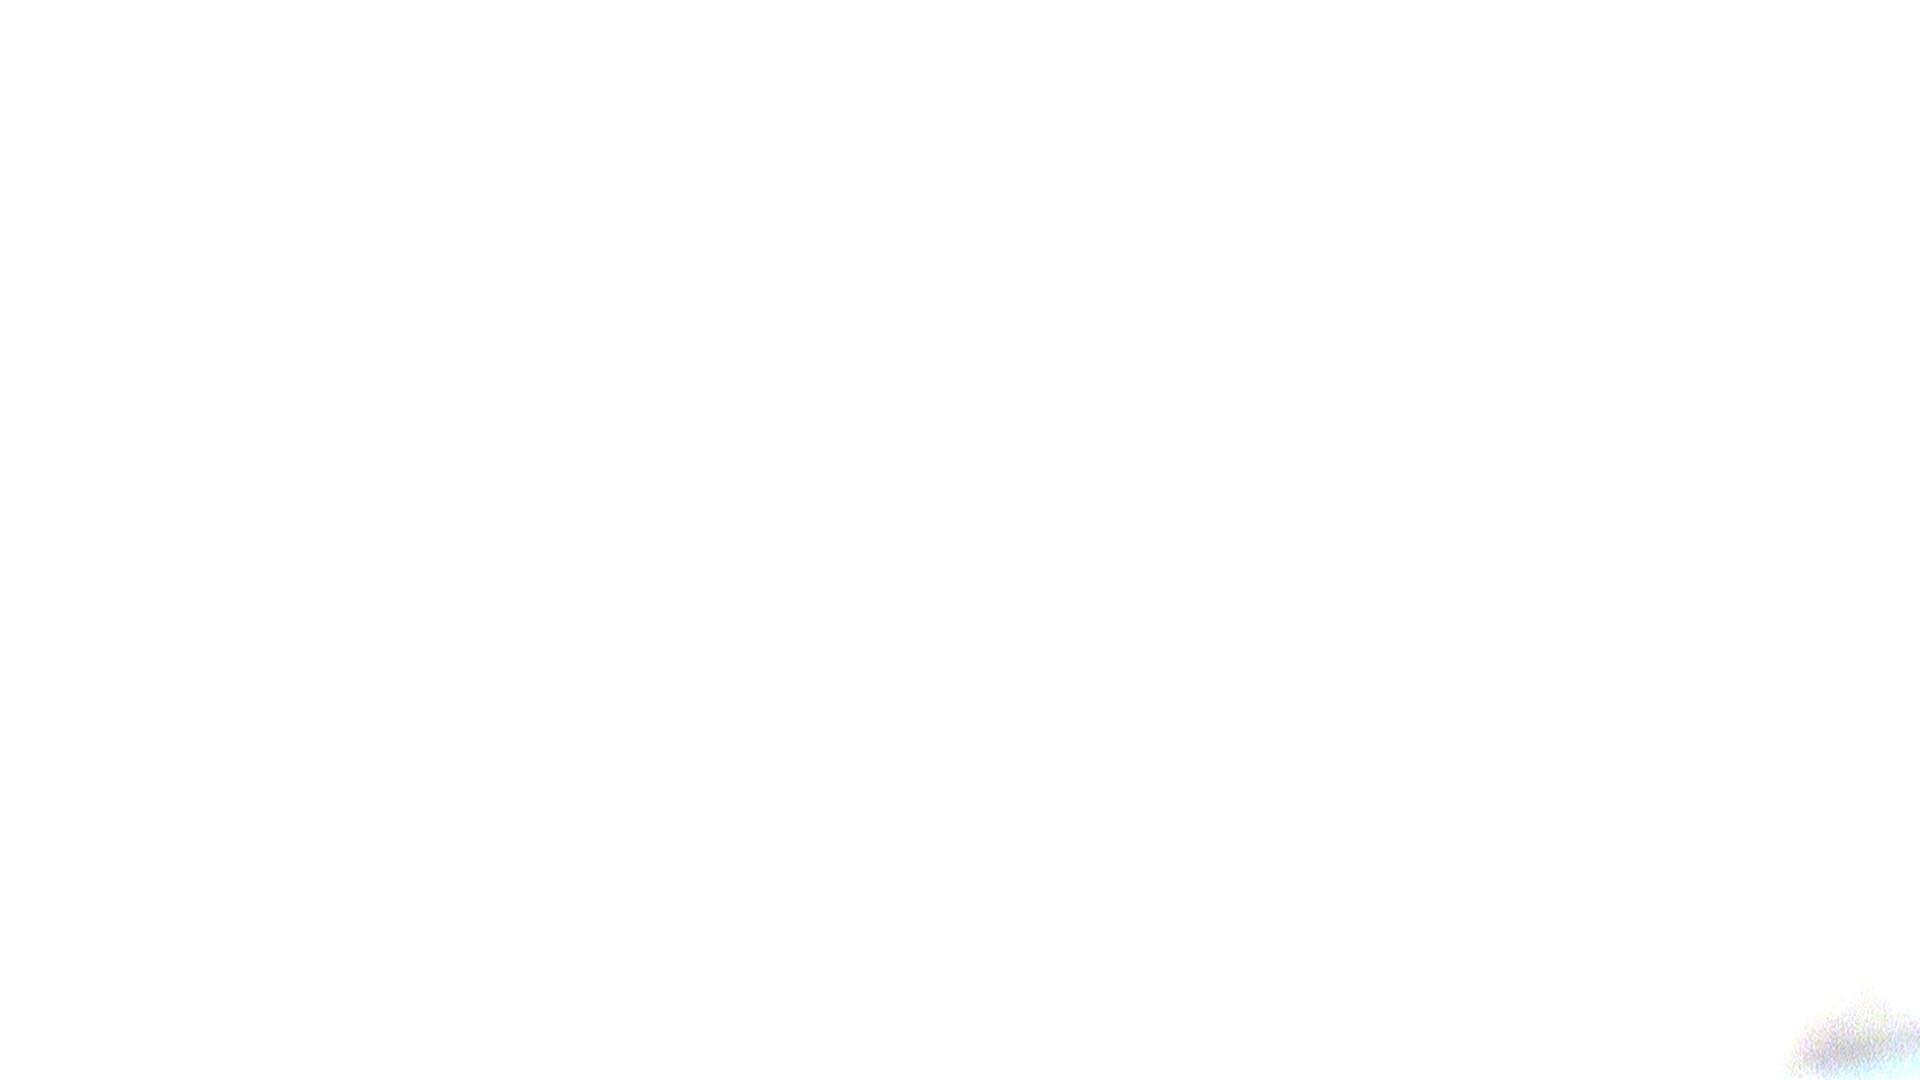 ※100個限定販売 至高下半身盗撮 プレミアム Vol.28 ハイビジョン 盗撮エロすぎ   OL  38連発 21